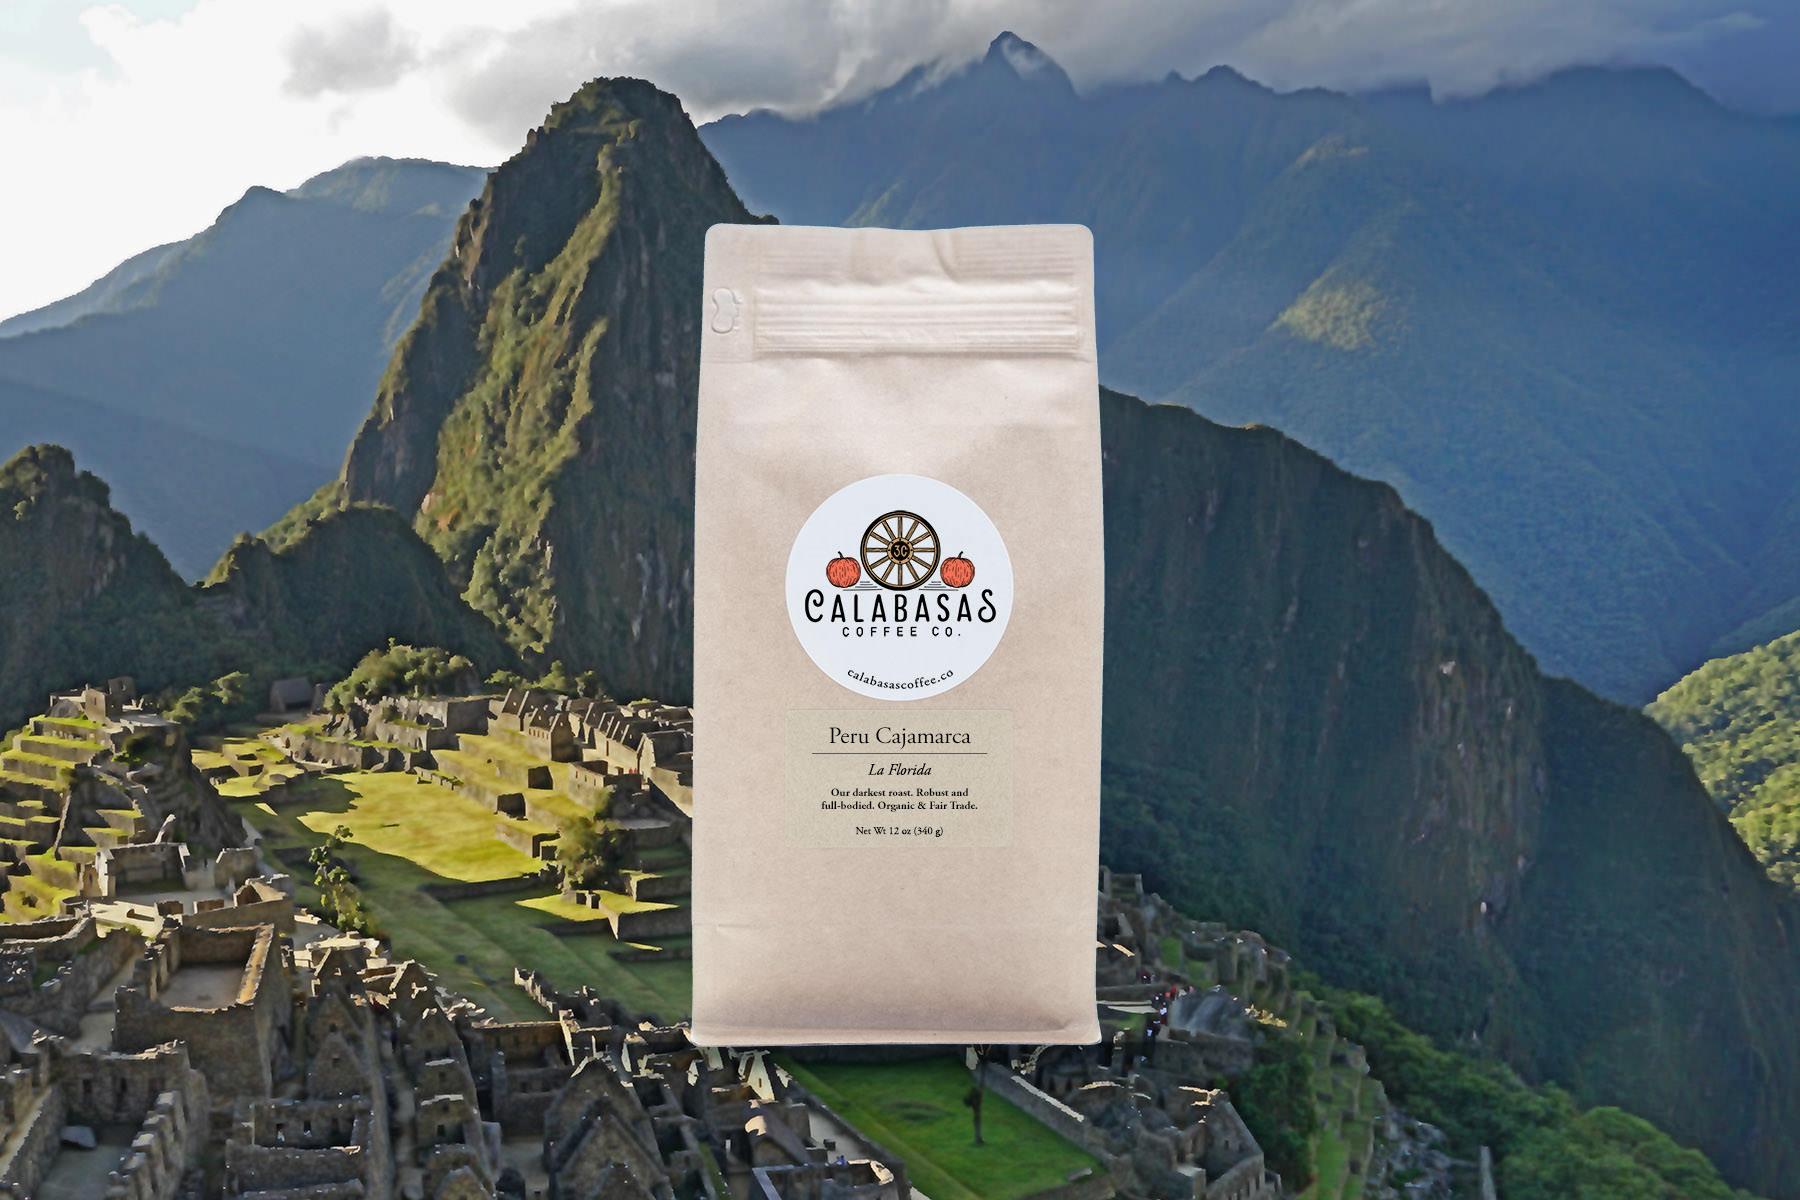 Calabasas-Coffee-Peru-Cajamarca-La-Florida.jpg